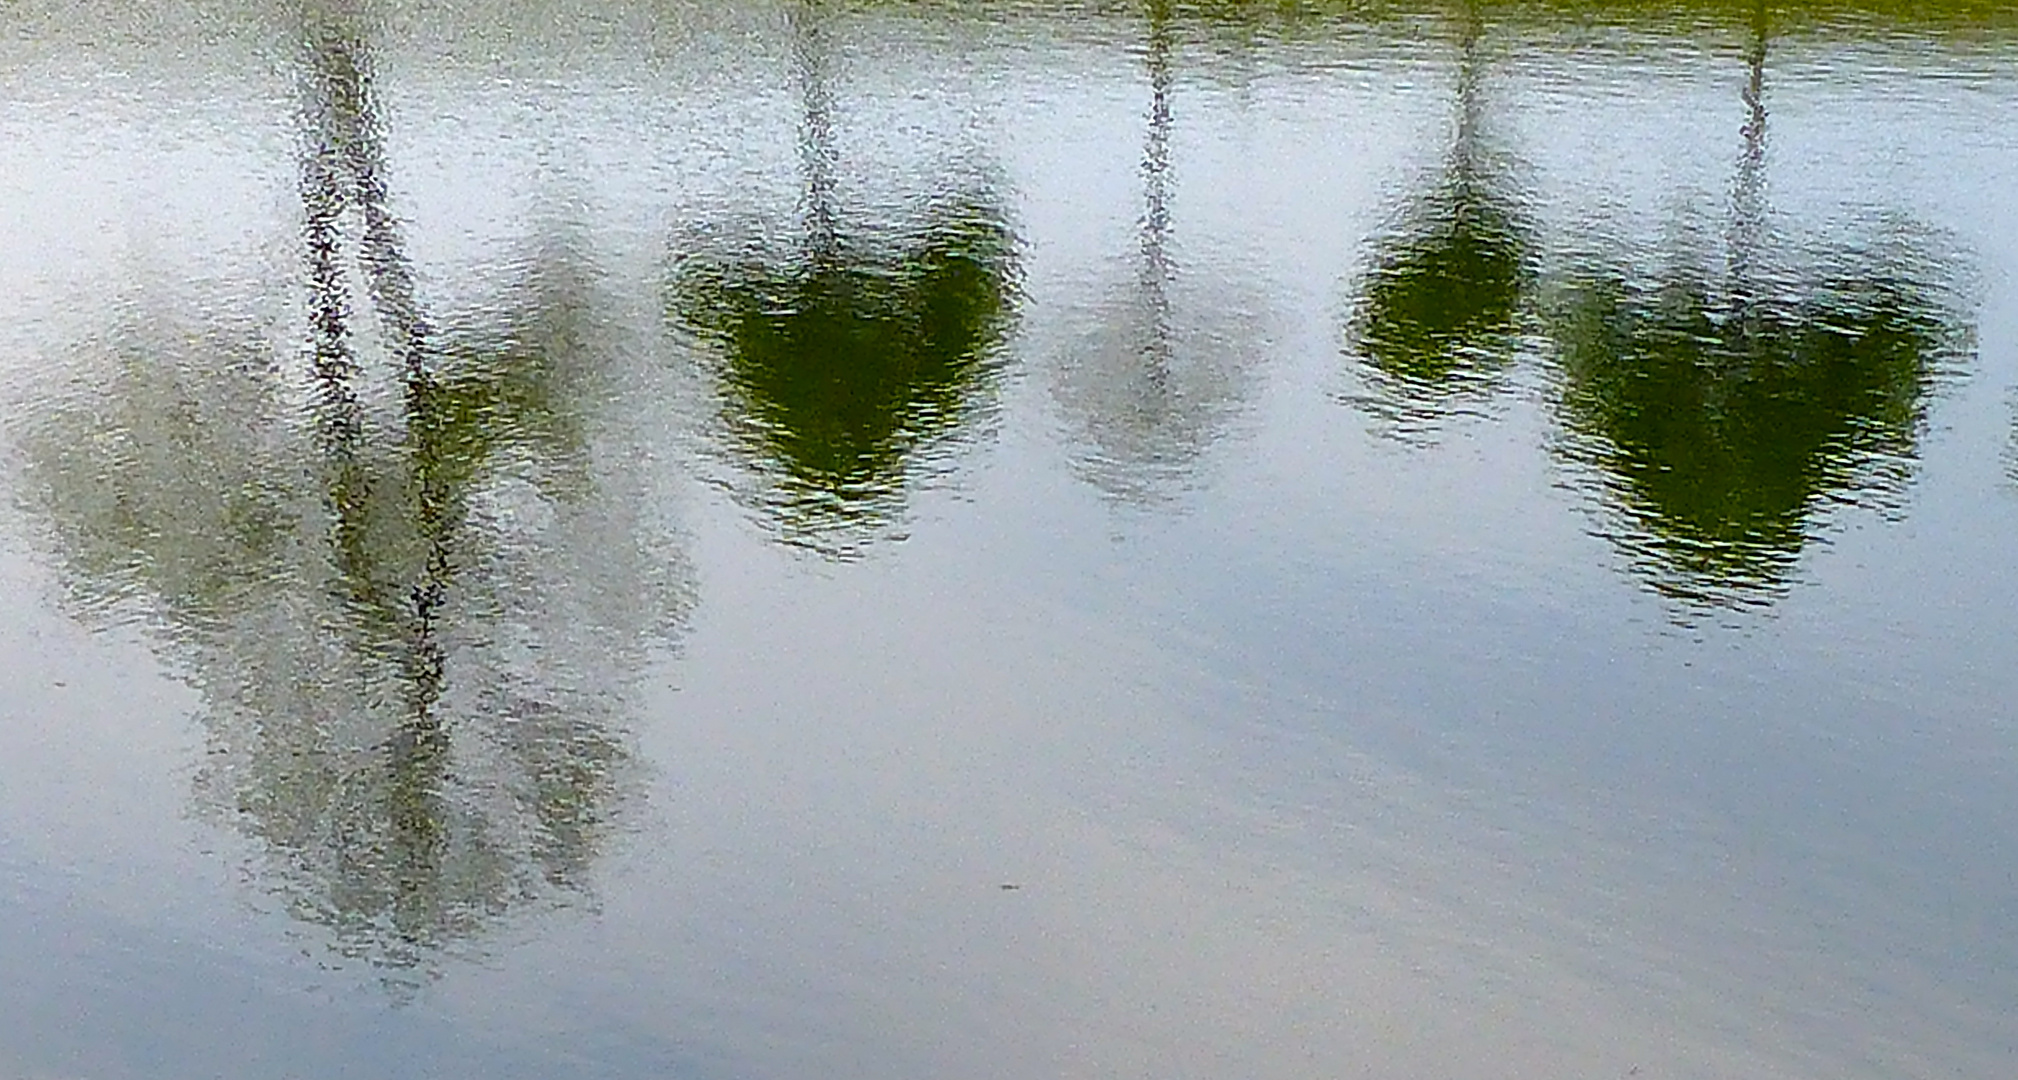 Schein-Sein: Es gibt viele interessante Spiegel-Schein-Welten